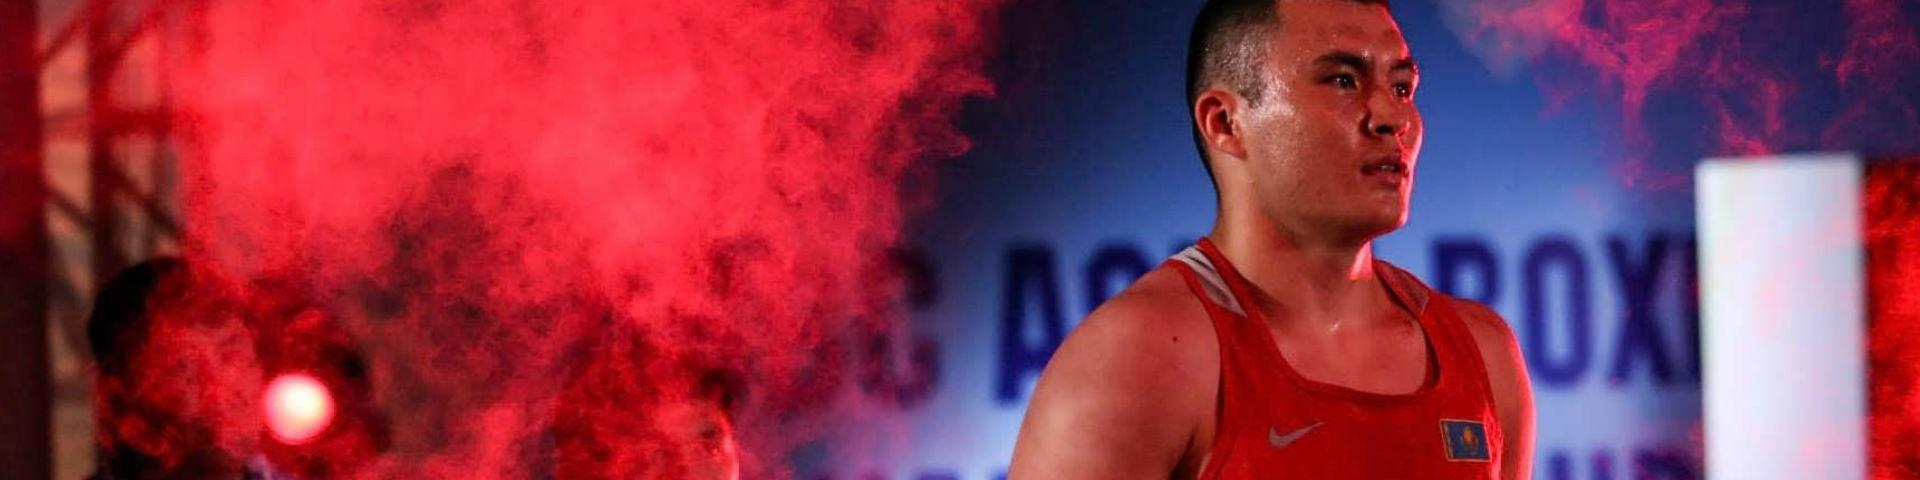 БК «Лига Ставок»: Кункабаев победит на ЧМ-2019 по боксу